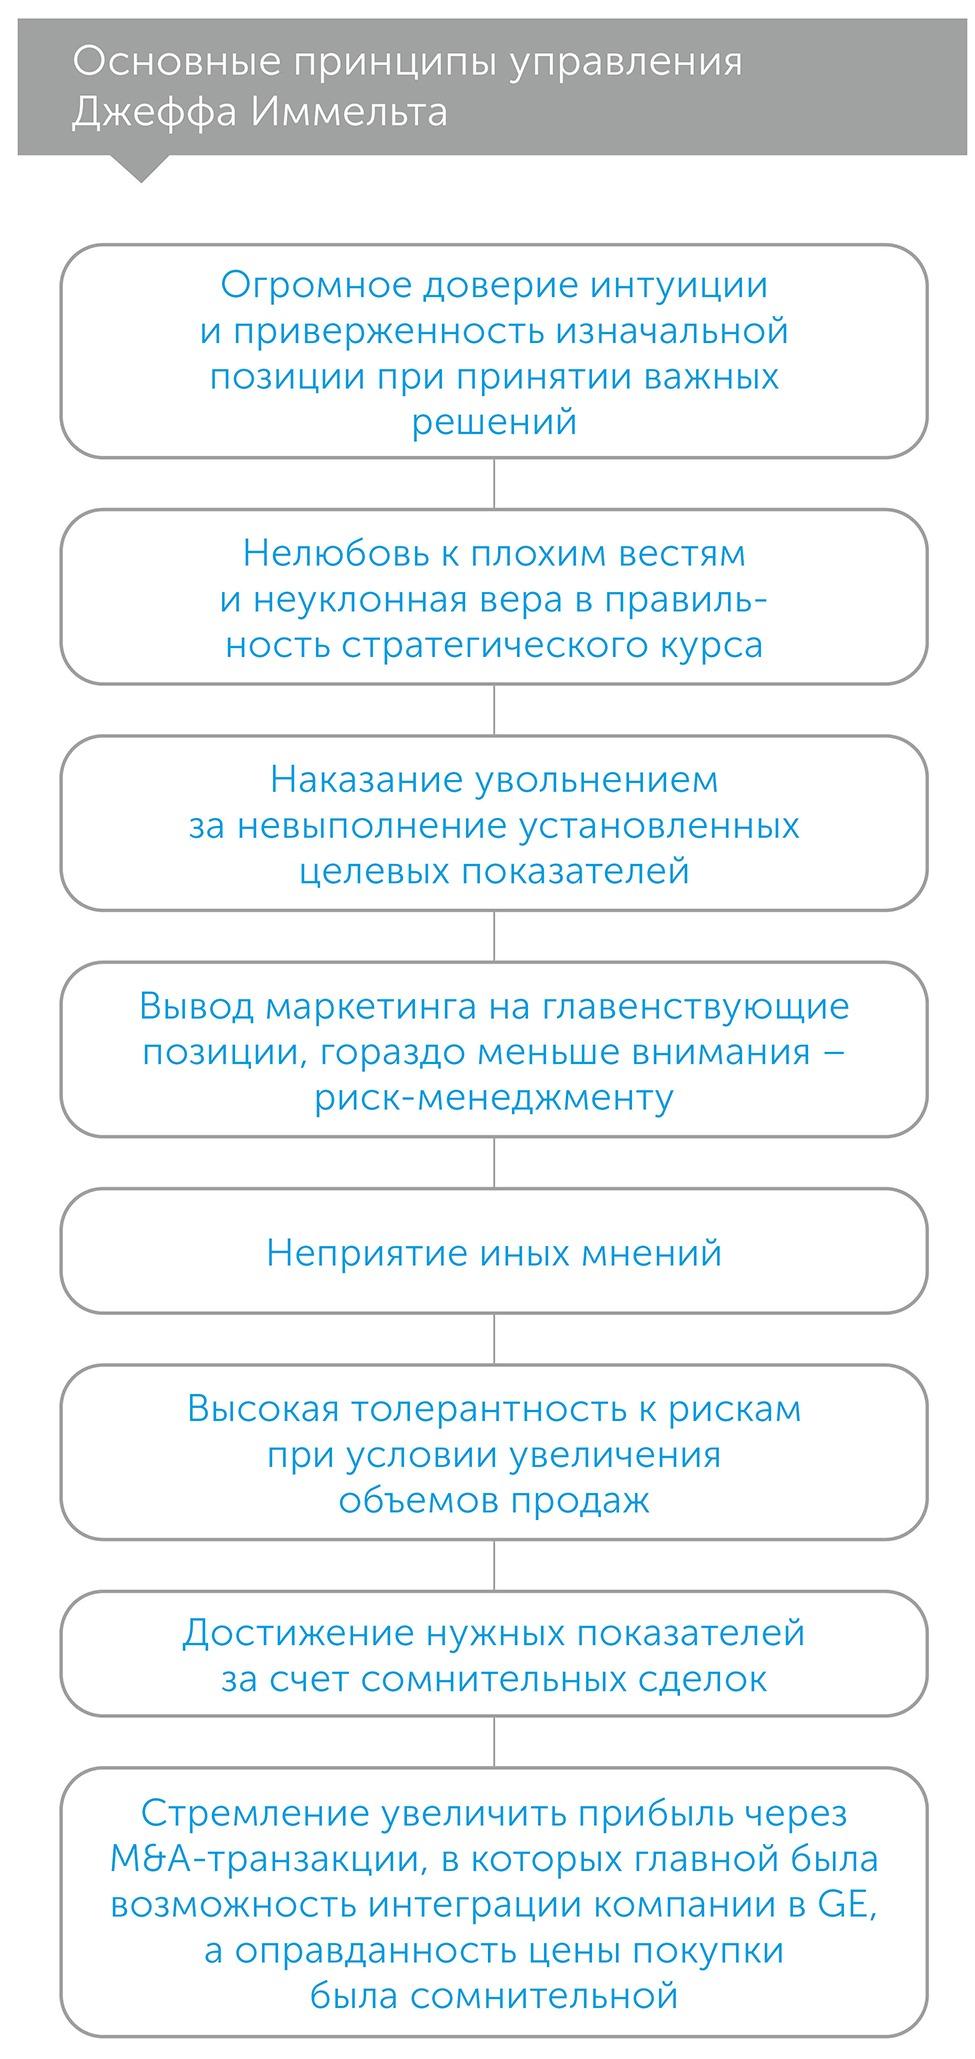 Тушите свет, автор Томас Грита | Kyivstar Business Hub, изображение №2